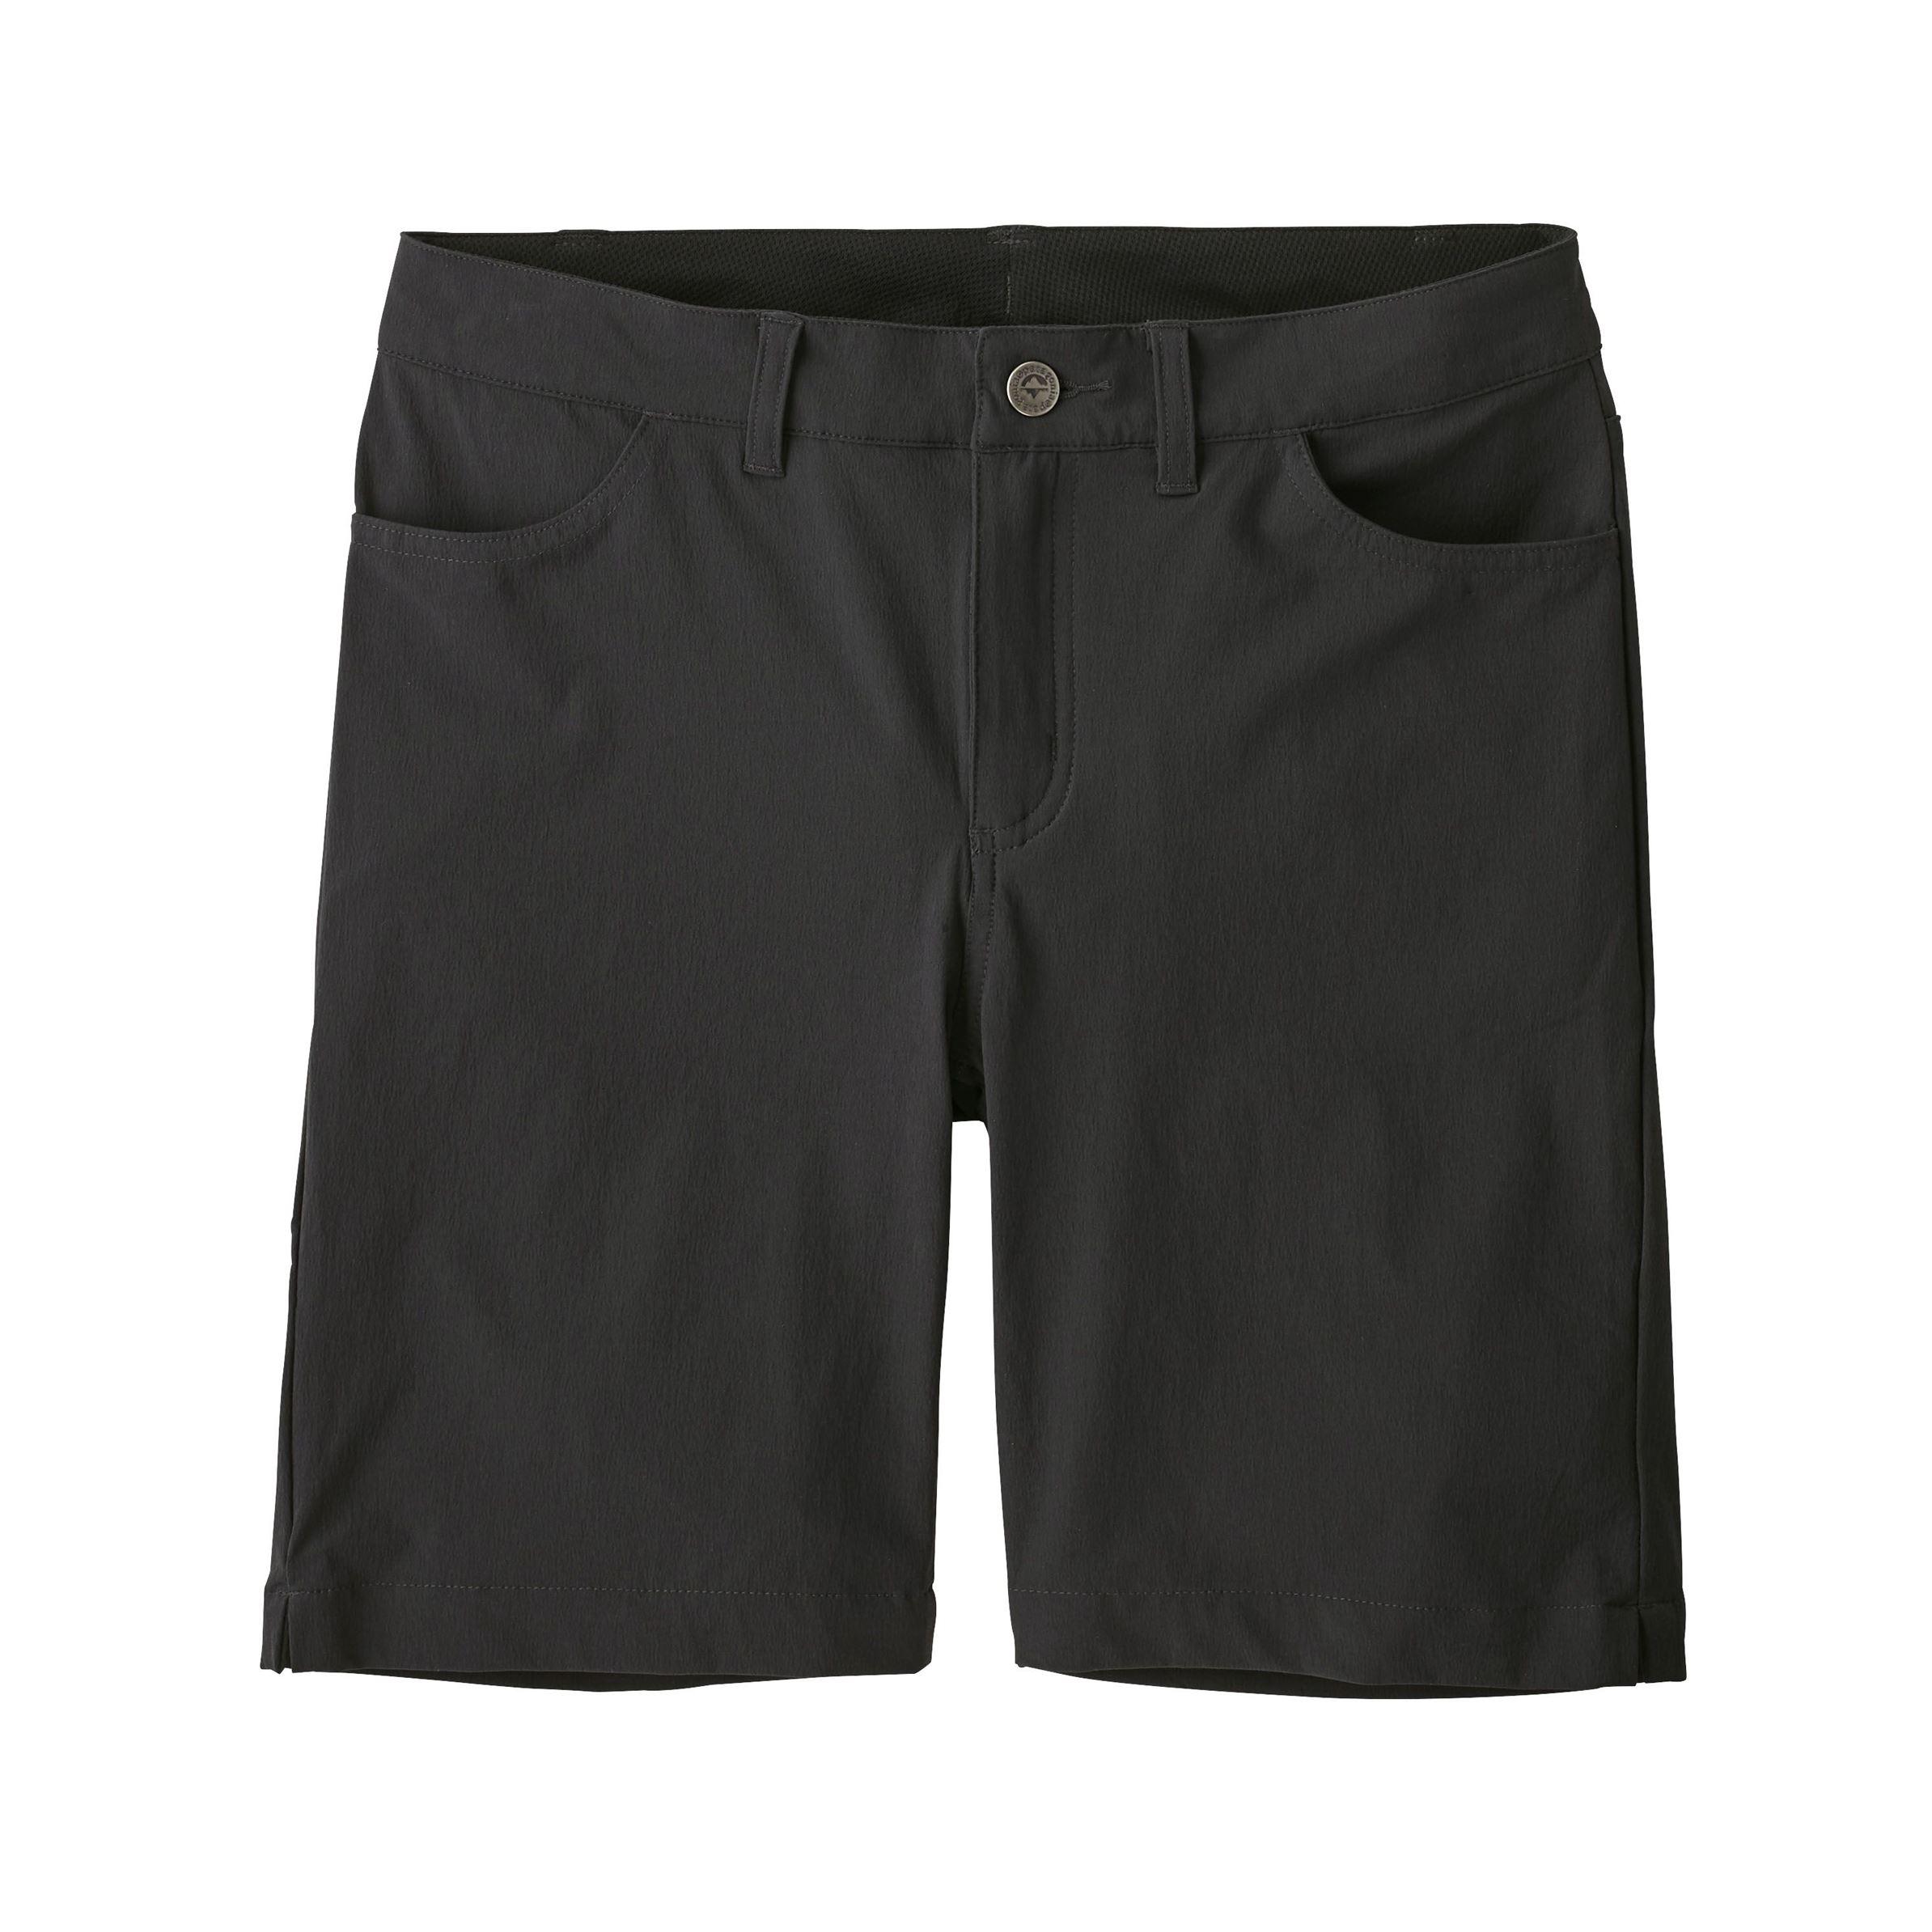 Skyline Traveler Shorts - Women's